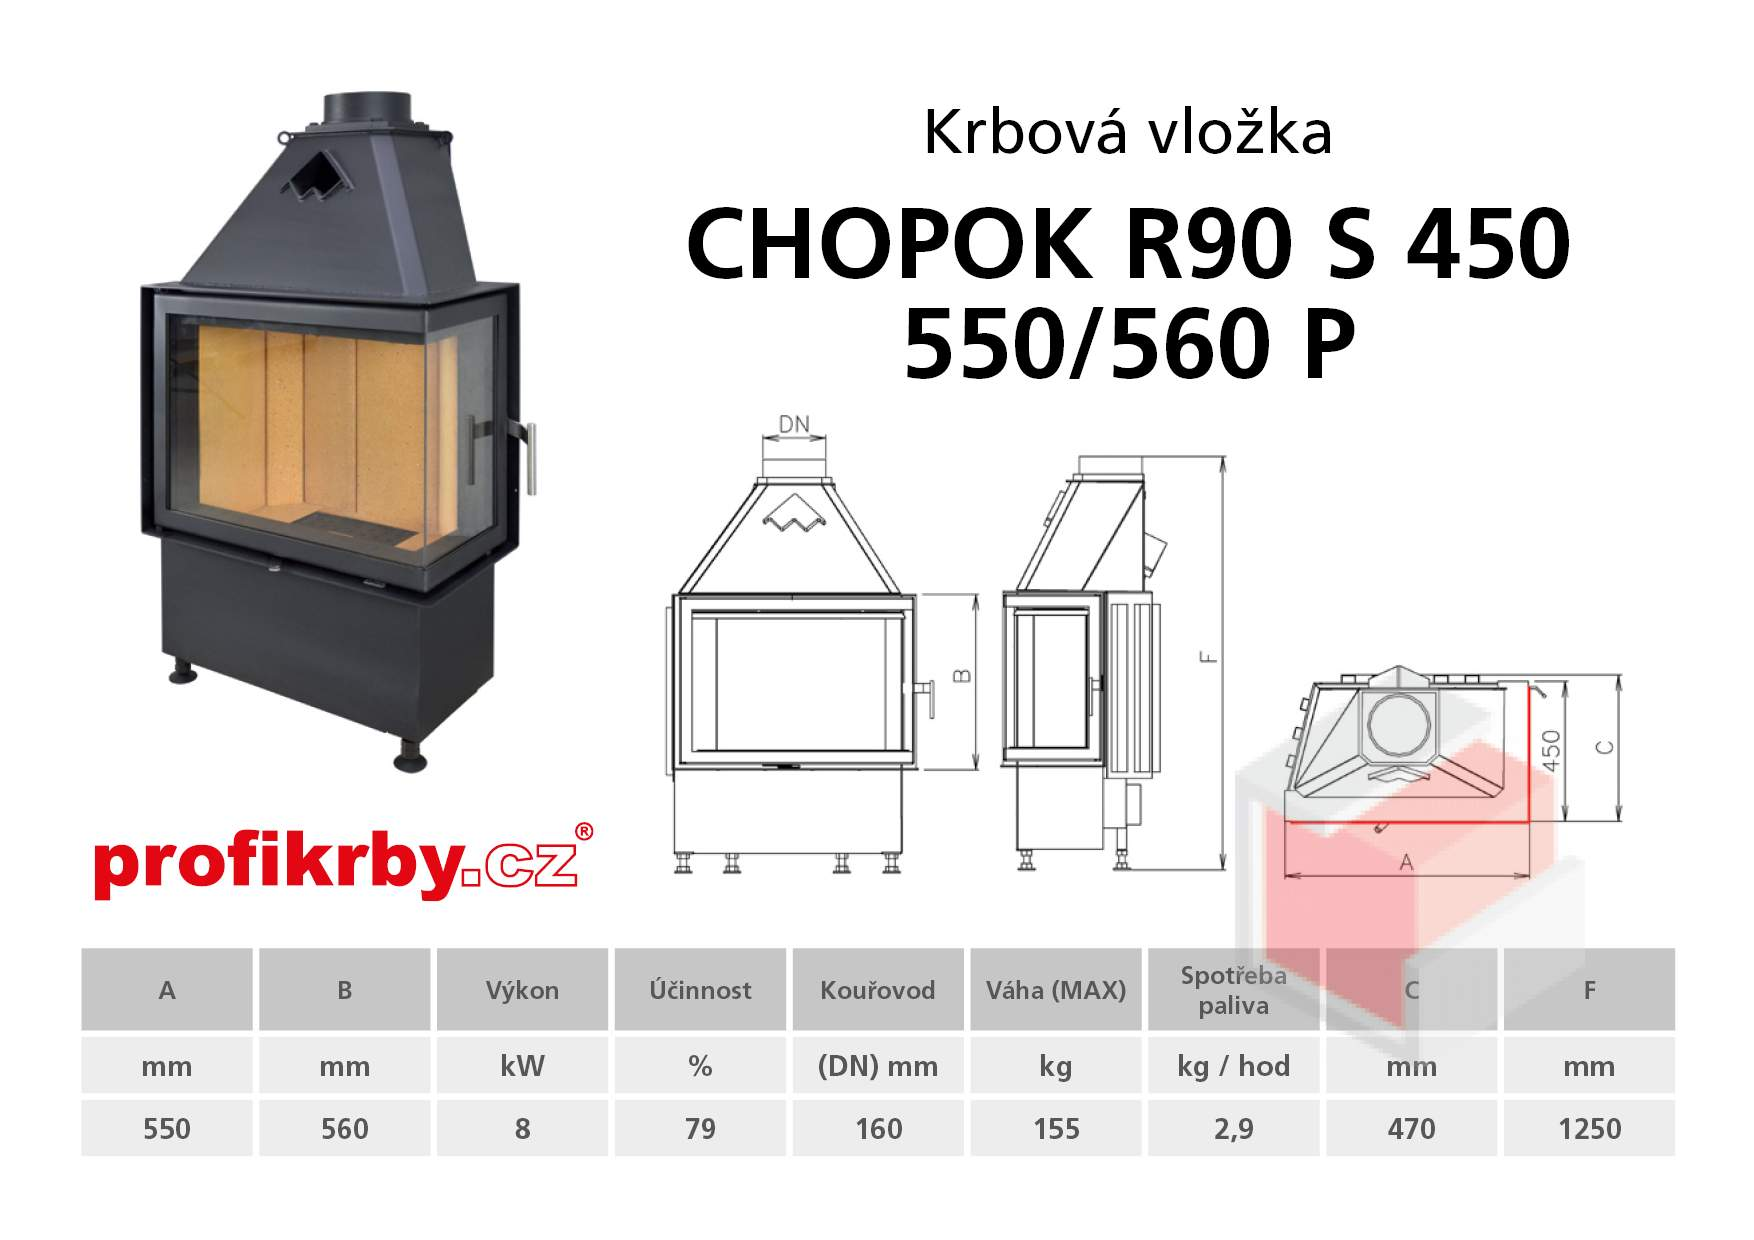 Krbová vložka CHOPOK R90Sx450 550 560 - Rohová - Pravá